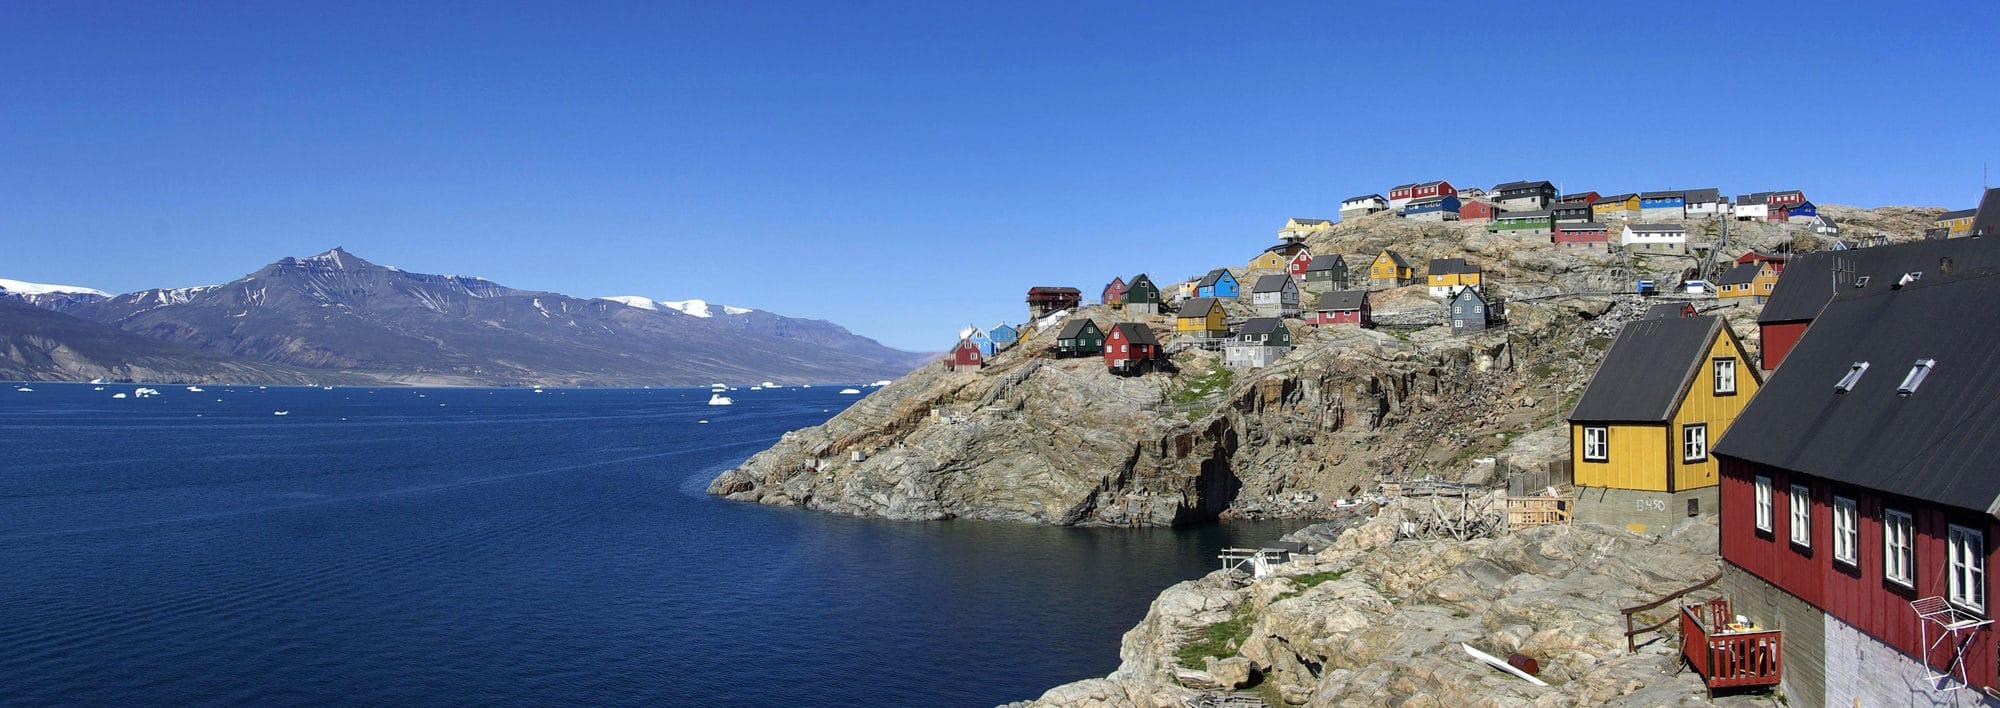 Le Groenland. L'île d'Uummannaq.